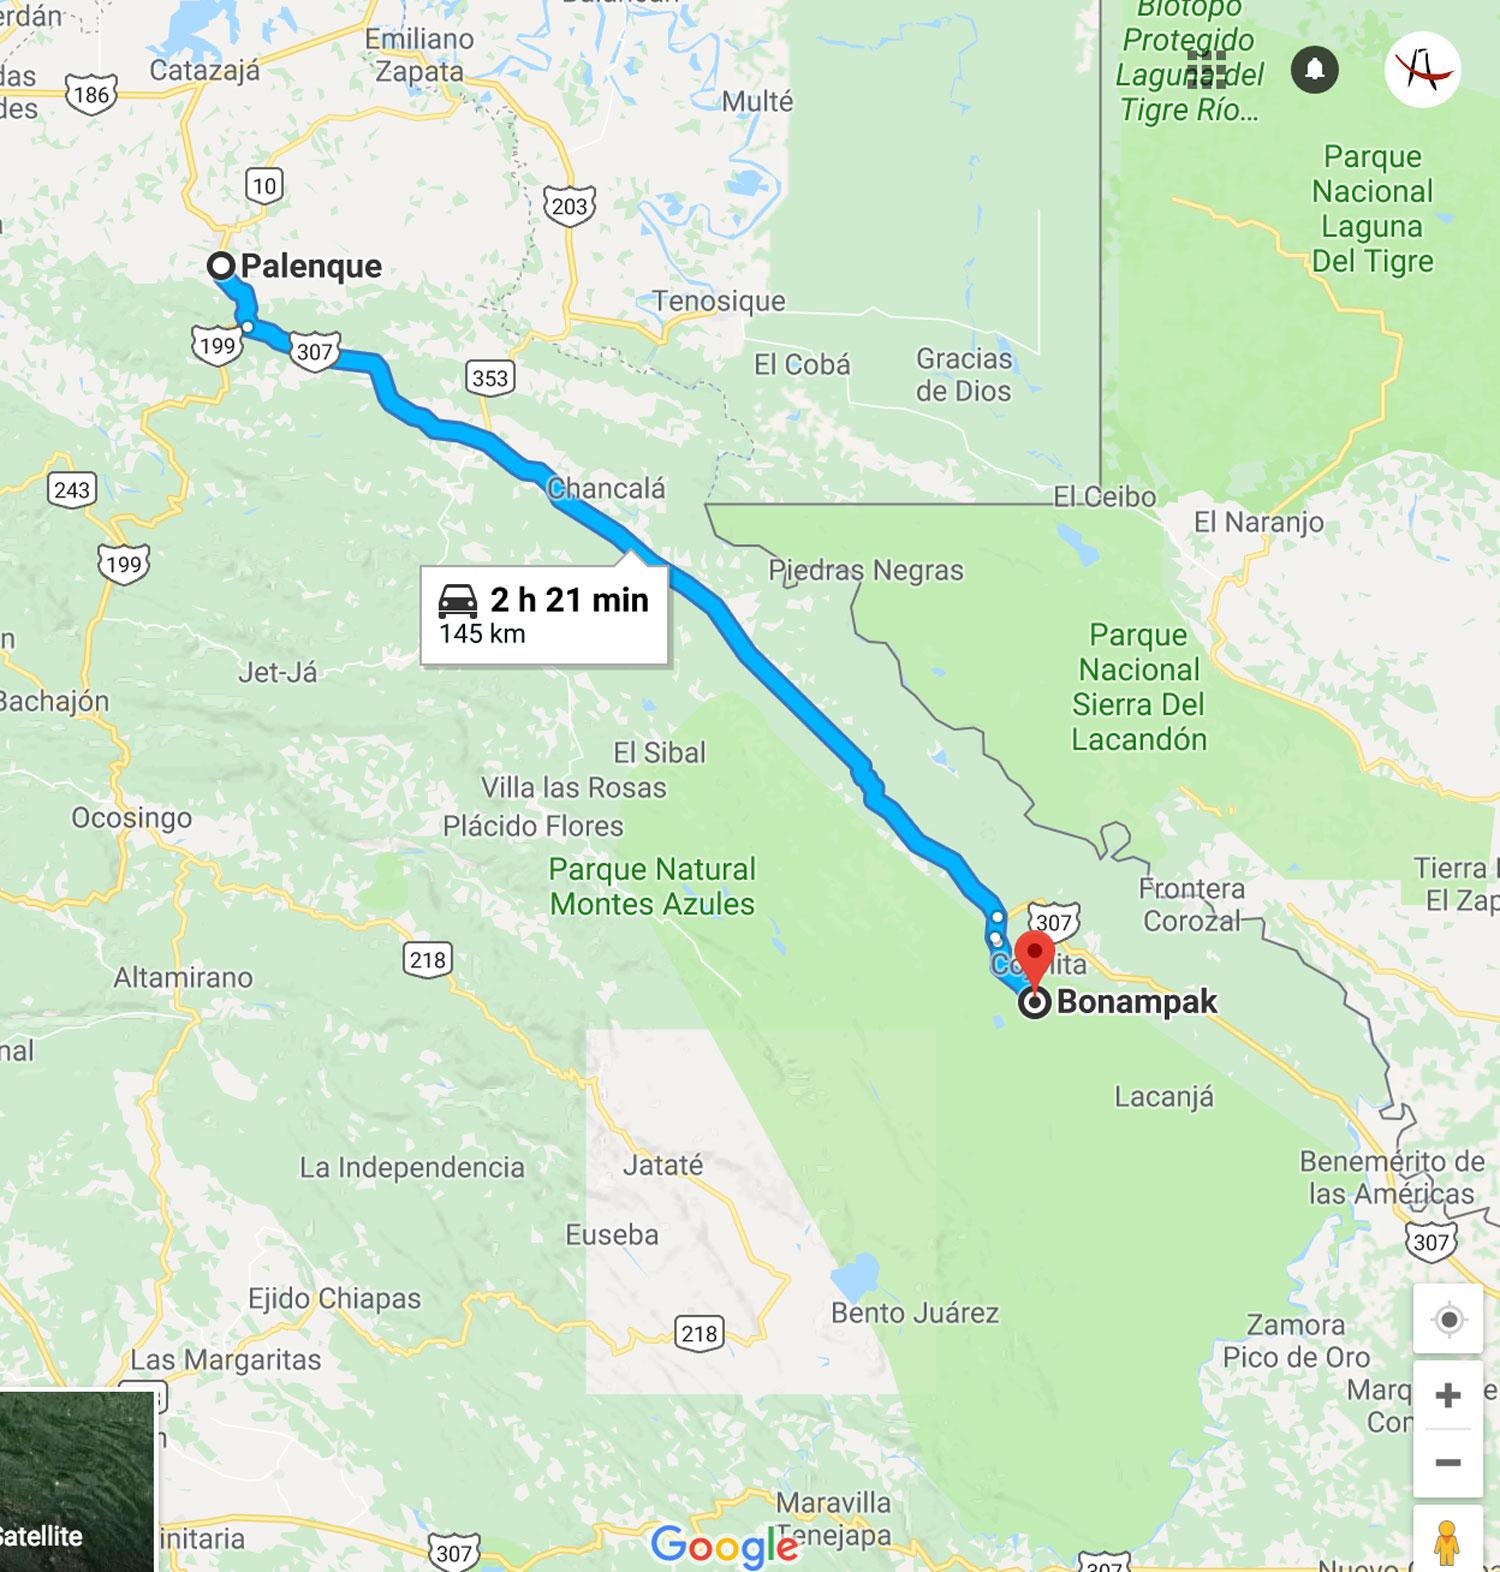 Hammocks_and_Ruins_Blog_Riviera_Maya_Mexico_Travel_Discover_Explore_What_to_do_Jungles_Lacanja_Ruins_4.jpg